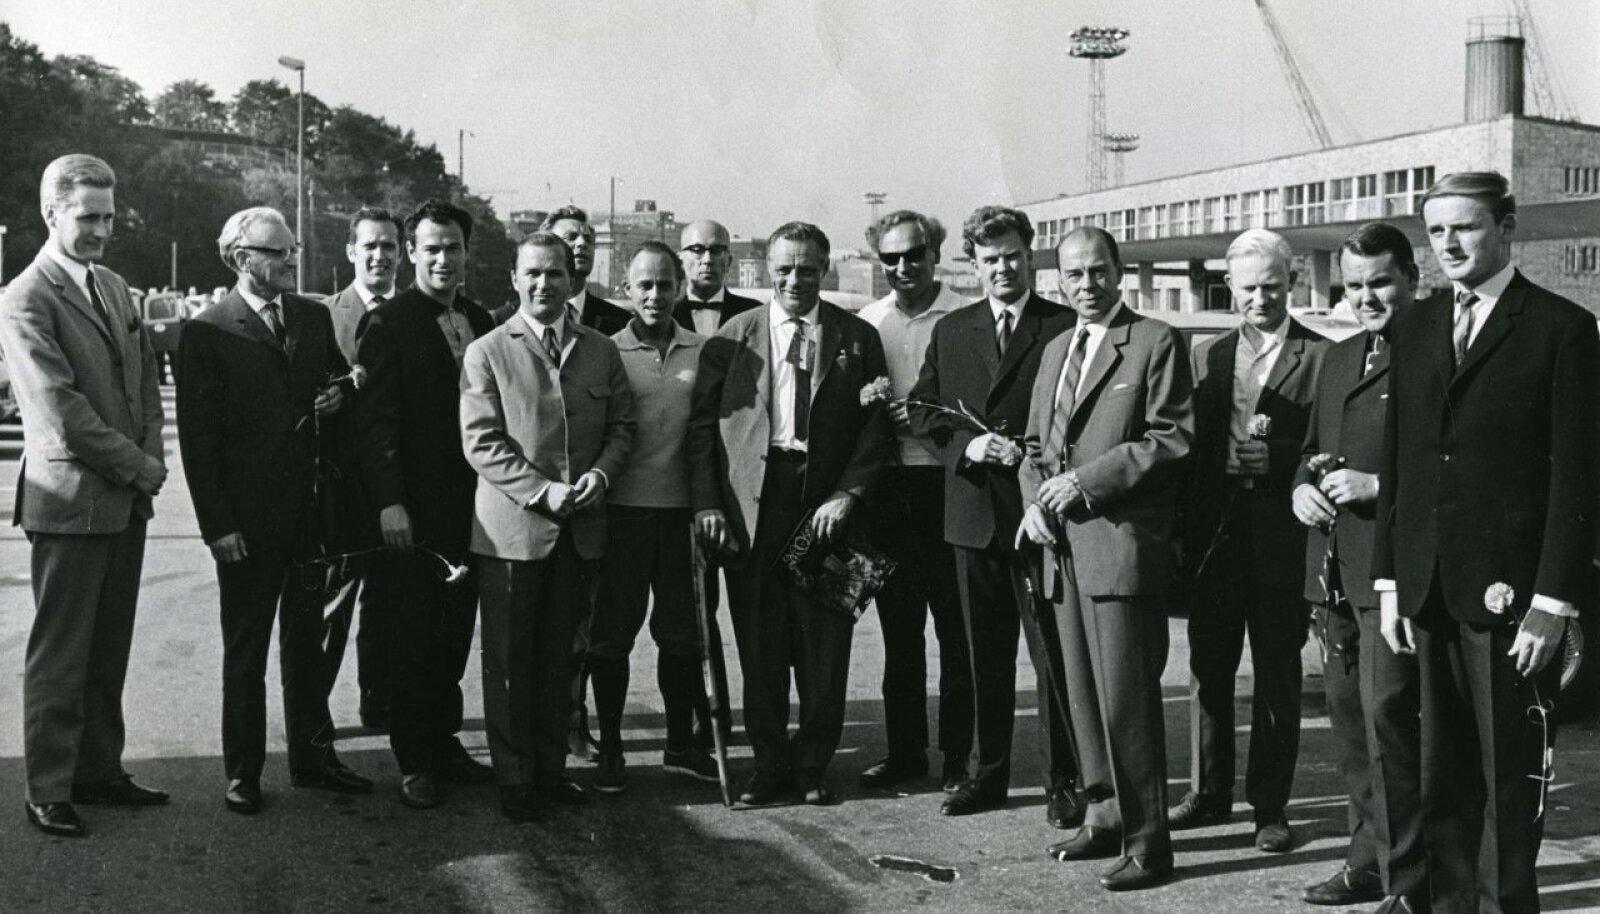 """Eesti nimekate meeste delegatsioon seoses """"Naapurivisa"""" saatega 1968. aastal Helsingis. Ülo Koit on paremalt kolmas."""